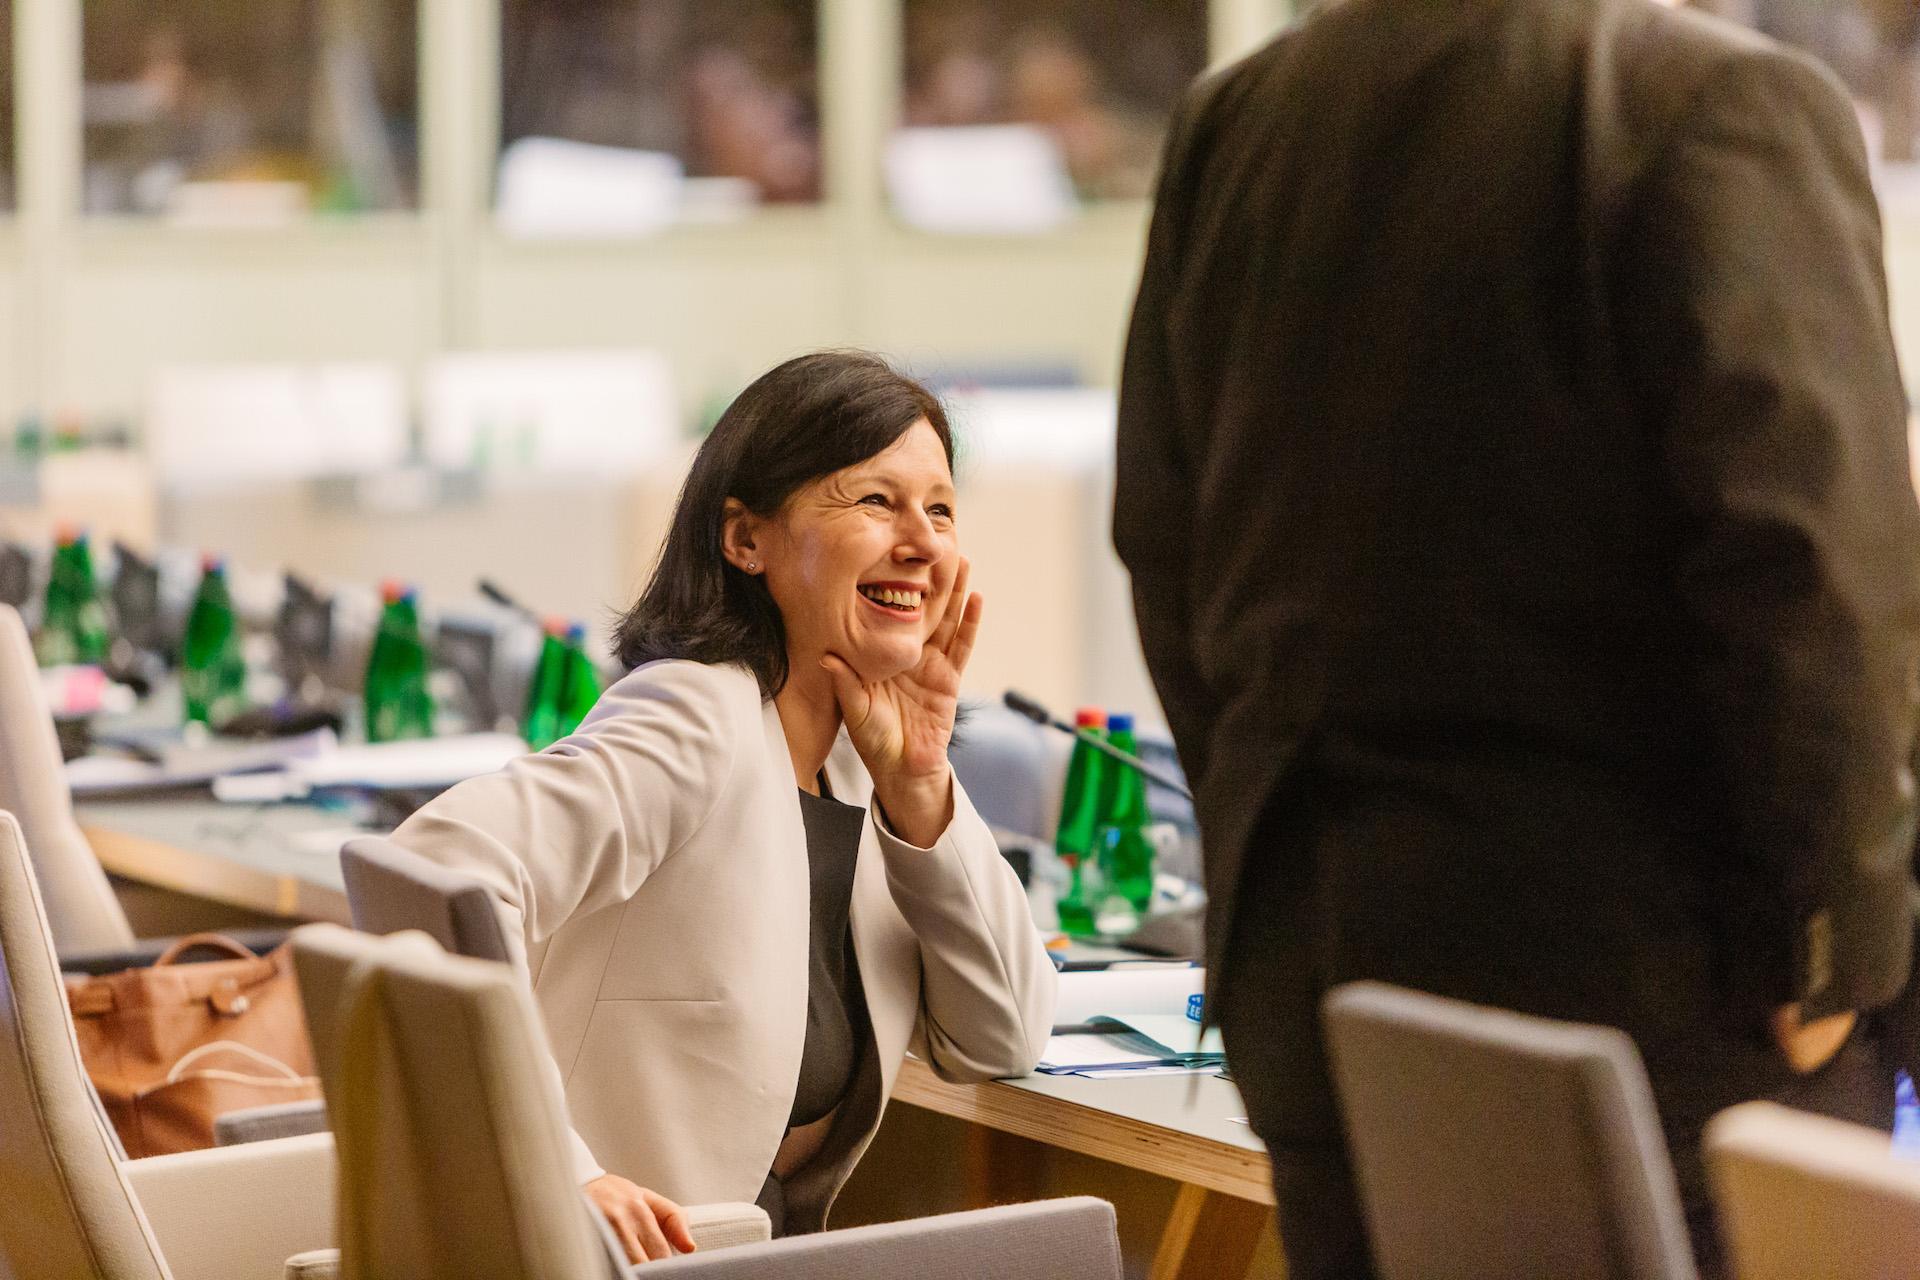 Věra Jourová, komisařka pro spravedlnost, spotřebitele a rovnost žen a mužů